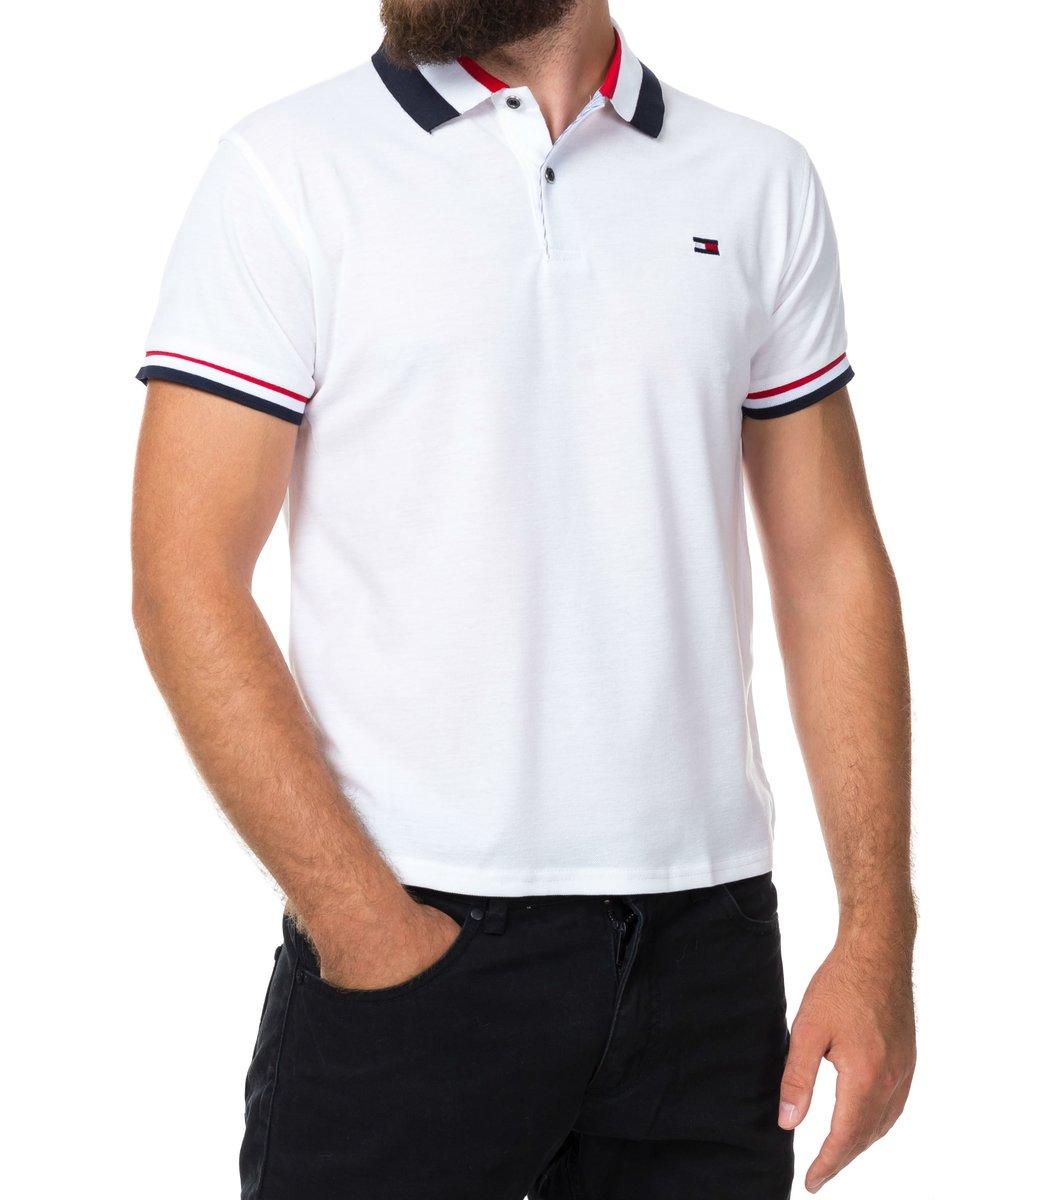 Мужская белая футболка поло Tommy Hilfiger - белый - Вид 2